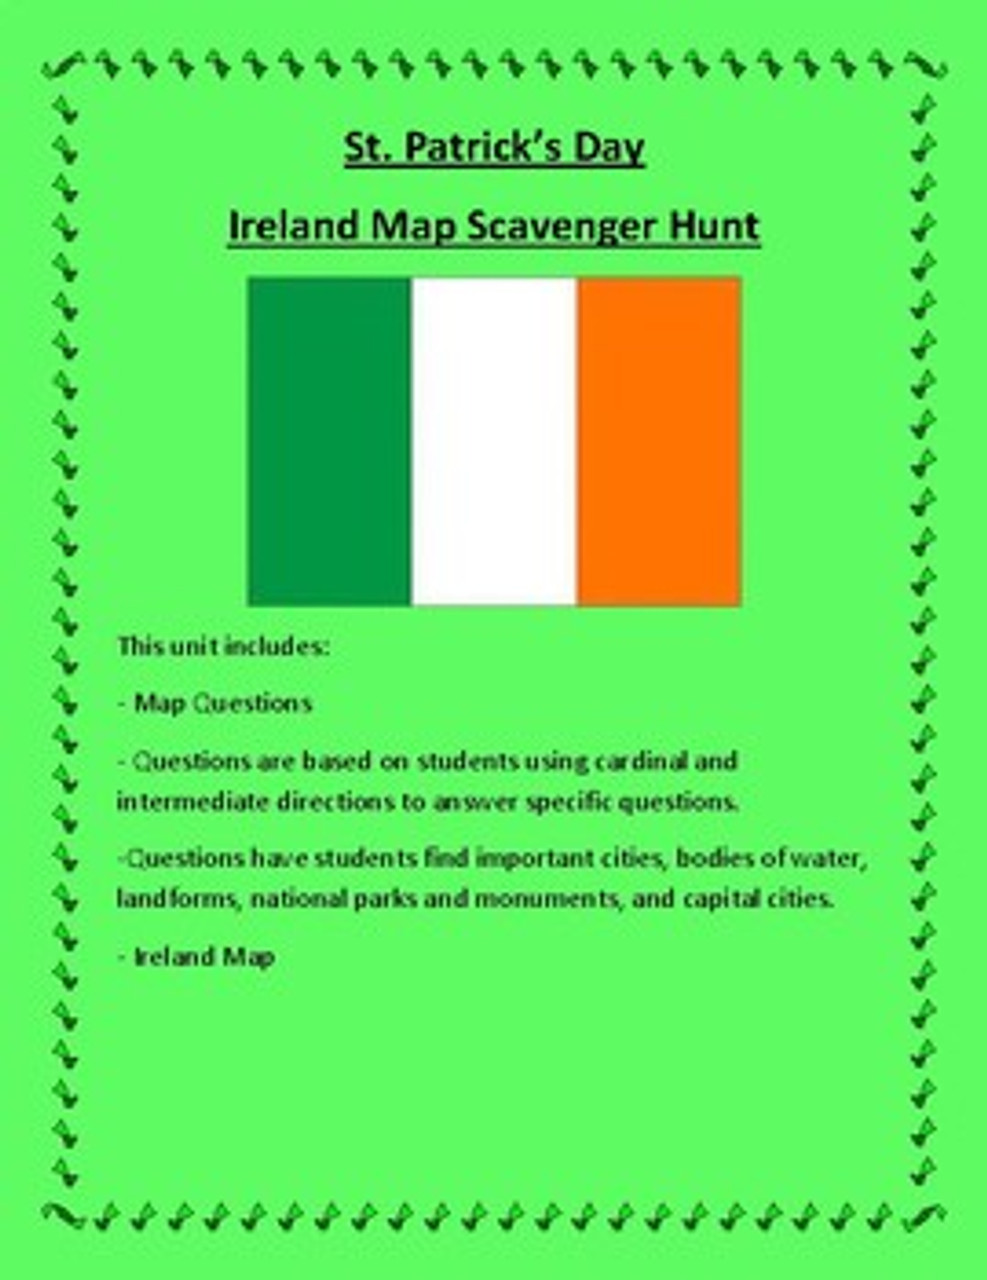 St. Patrick's Day Bundle